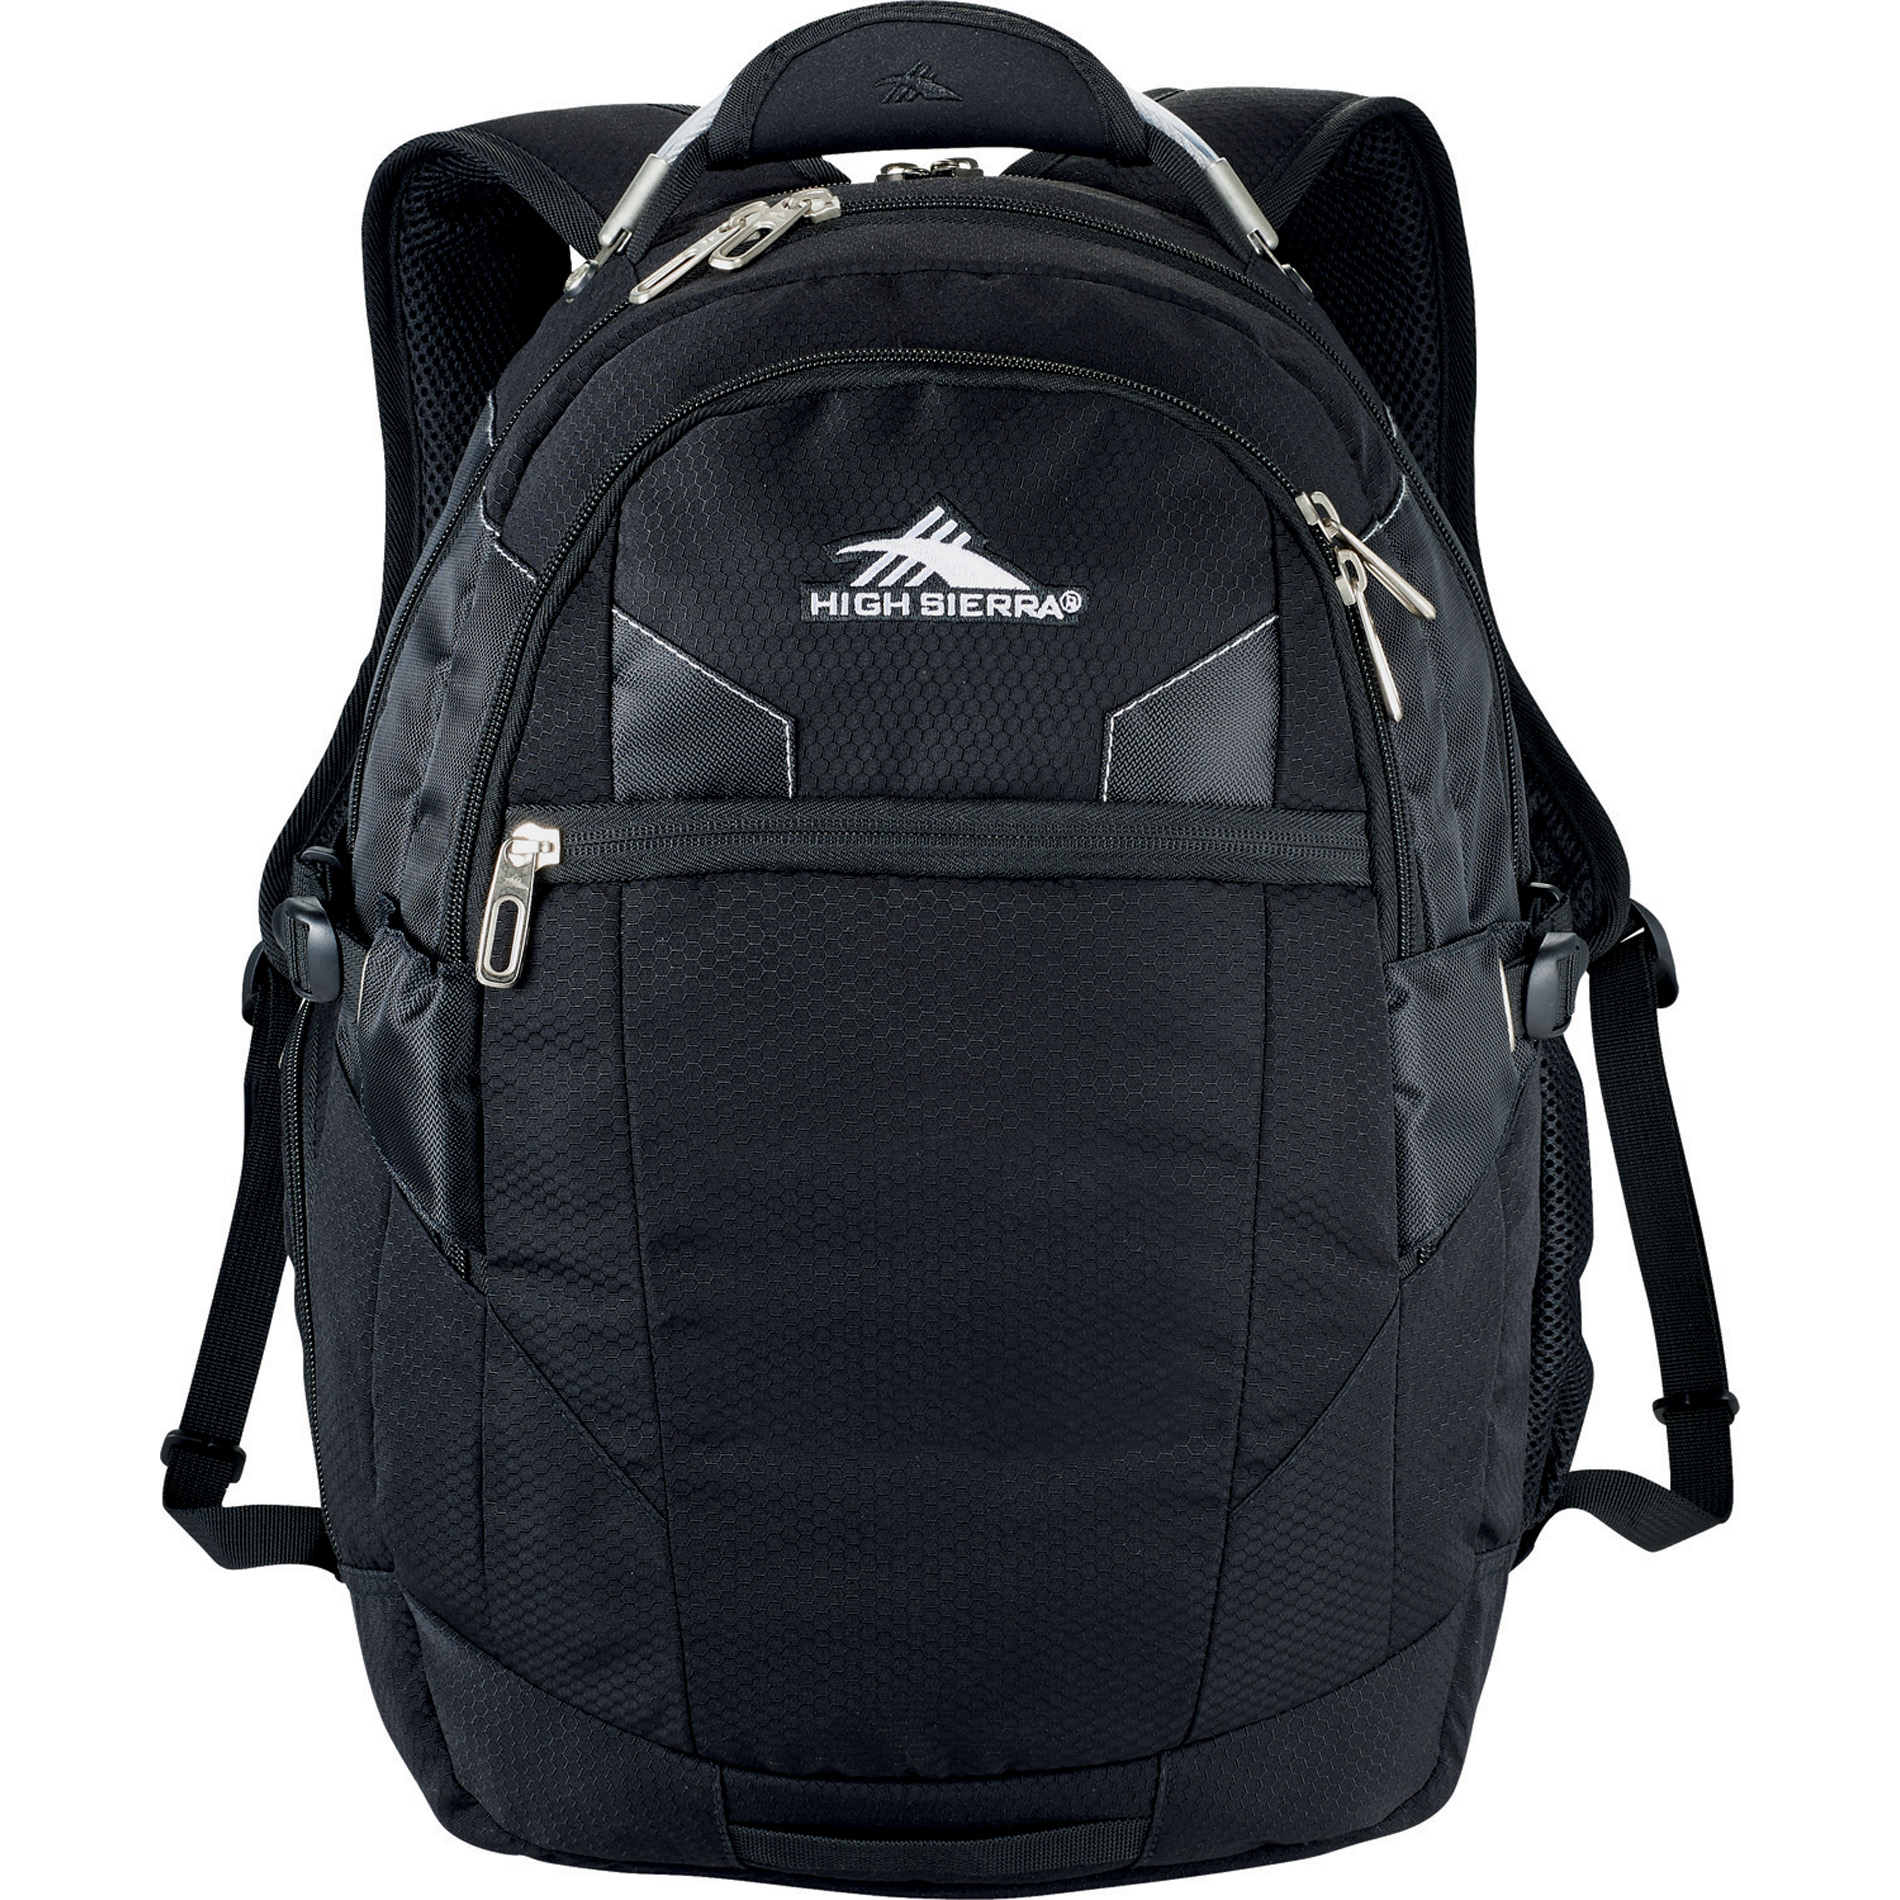 High Sierra 8052-41 - XBT Elite 15 Computer Backpack